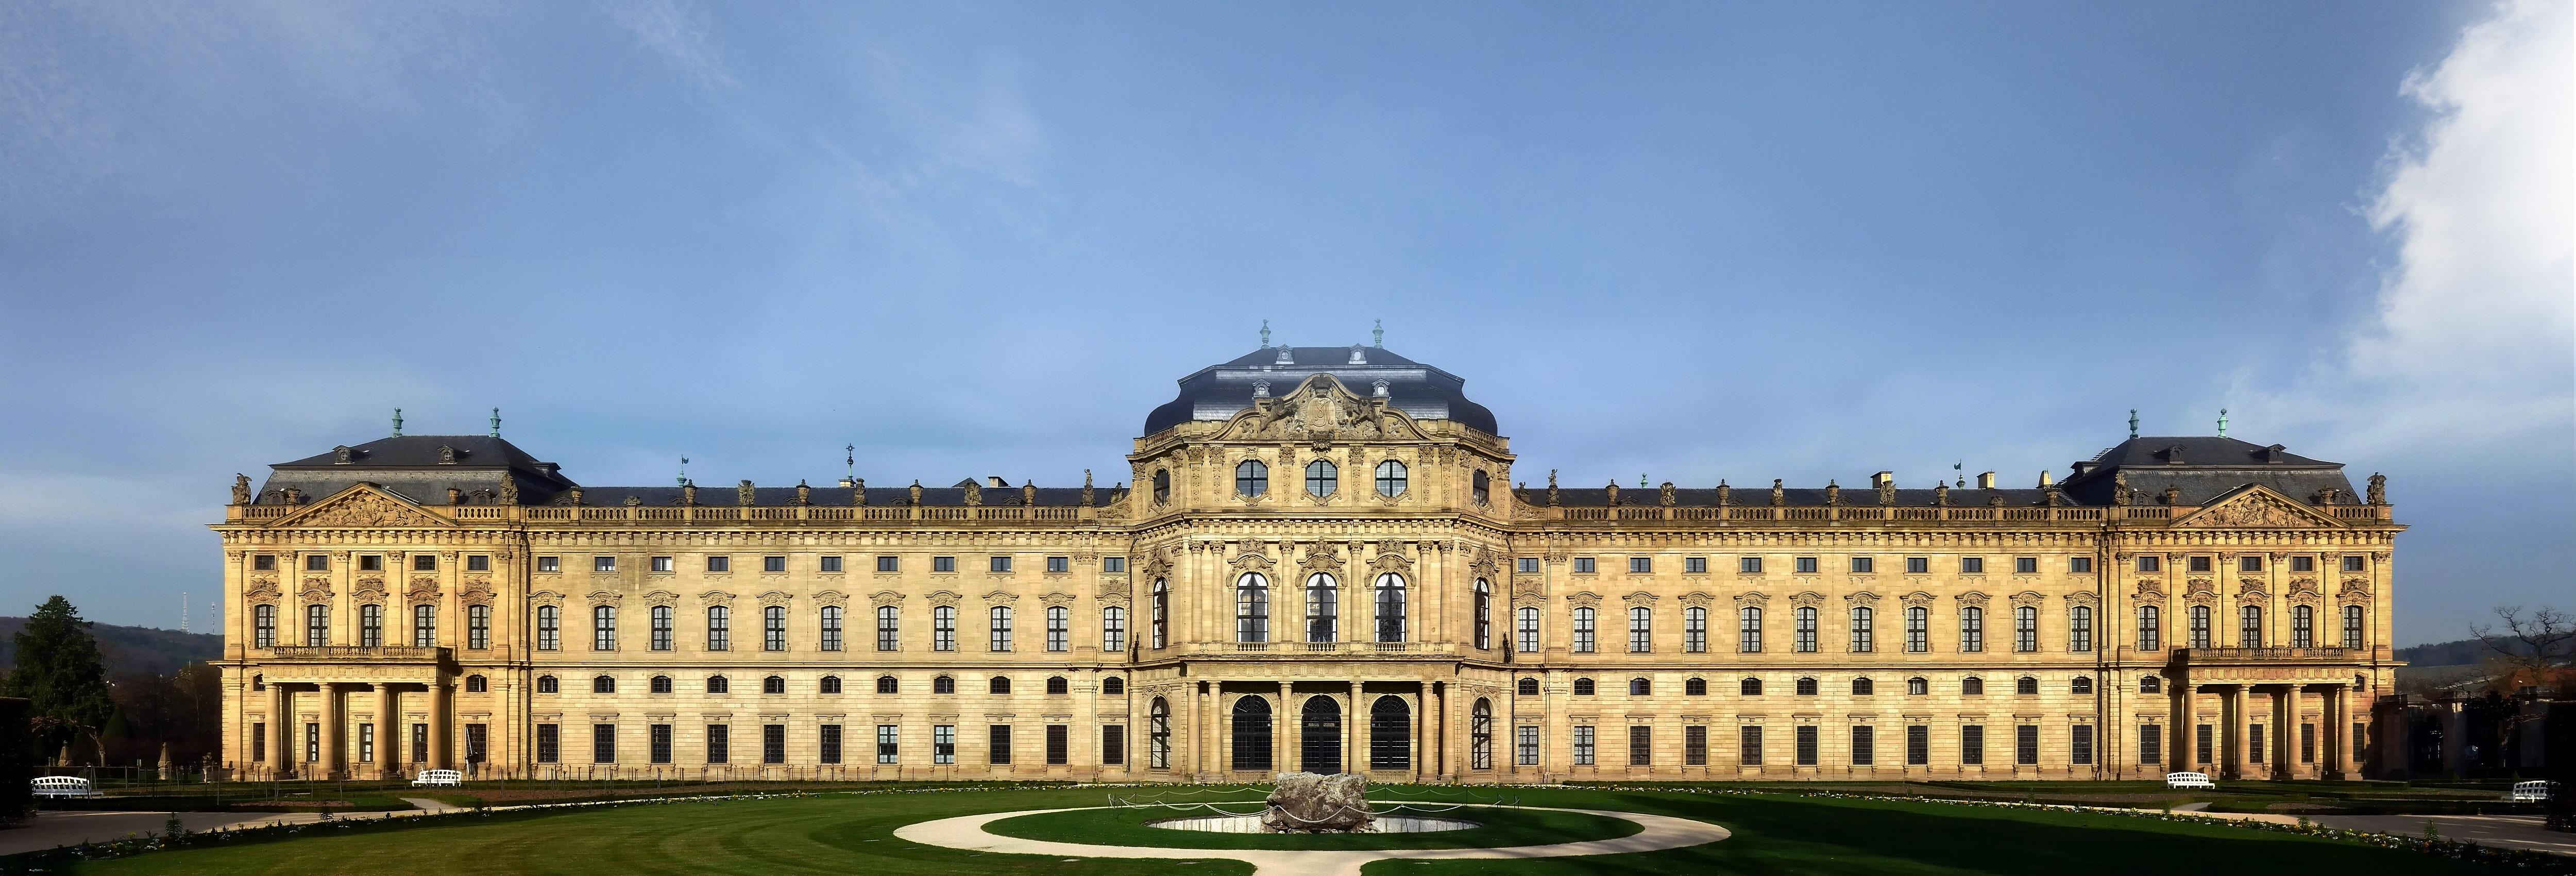 kostenlose foto die architektur geb ude chateau